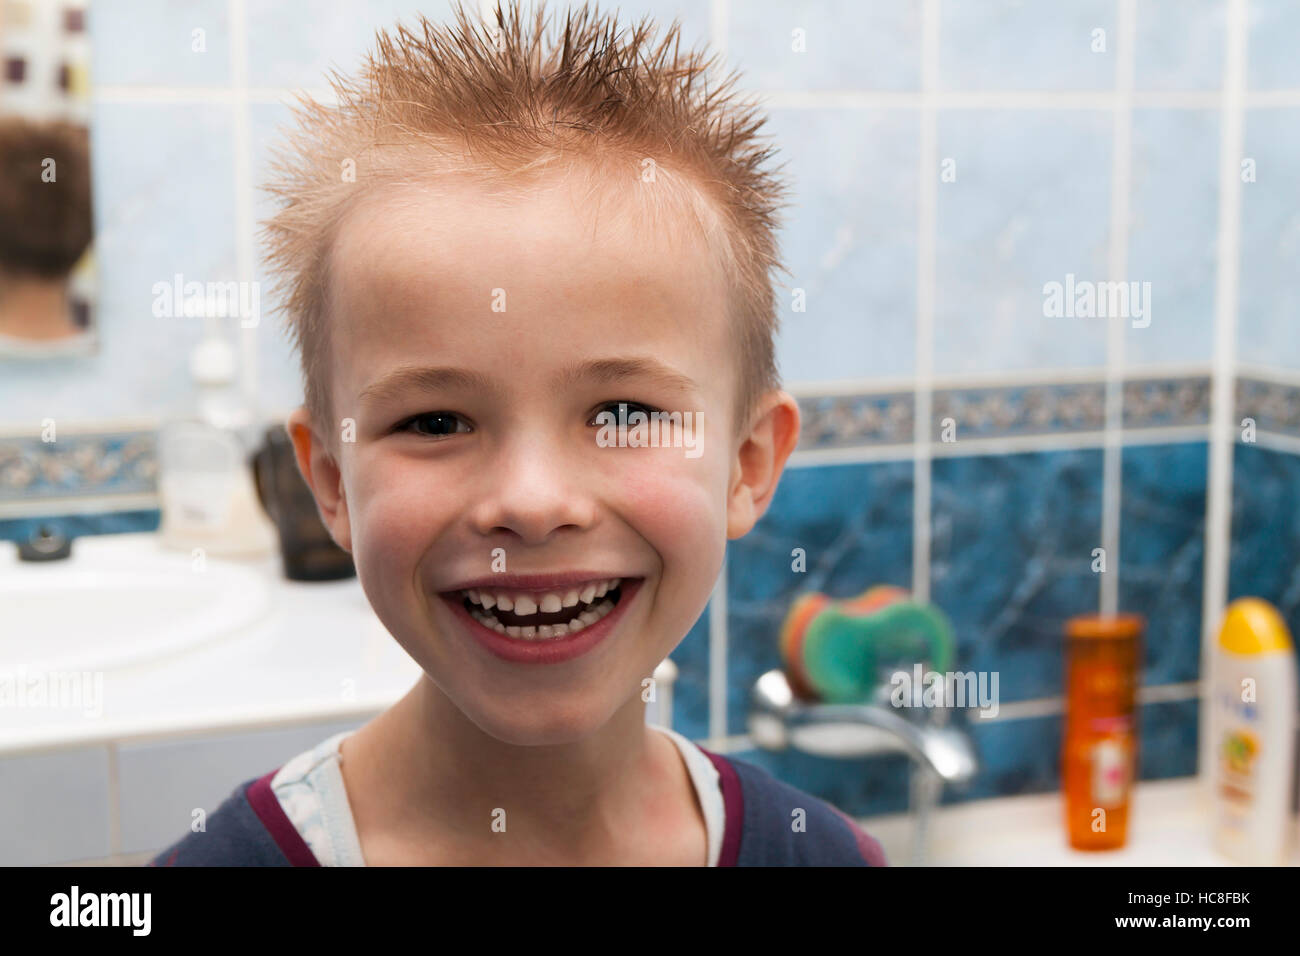 Bagno Con Un Ragazzo : Ritratto di un ragazzo con i capelli bagnati dopo la doccia del